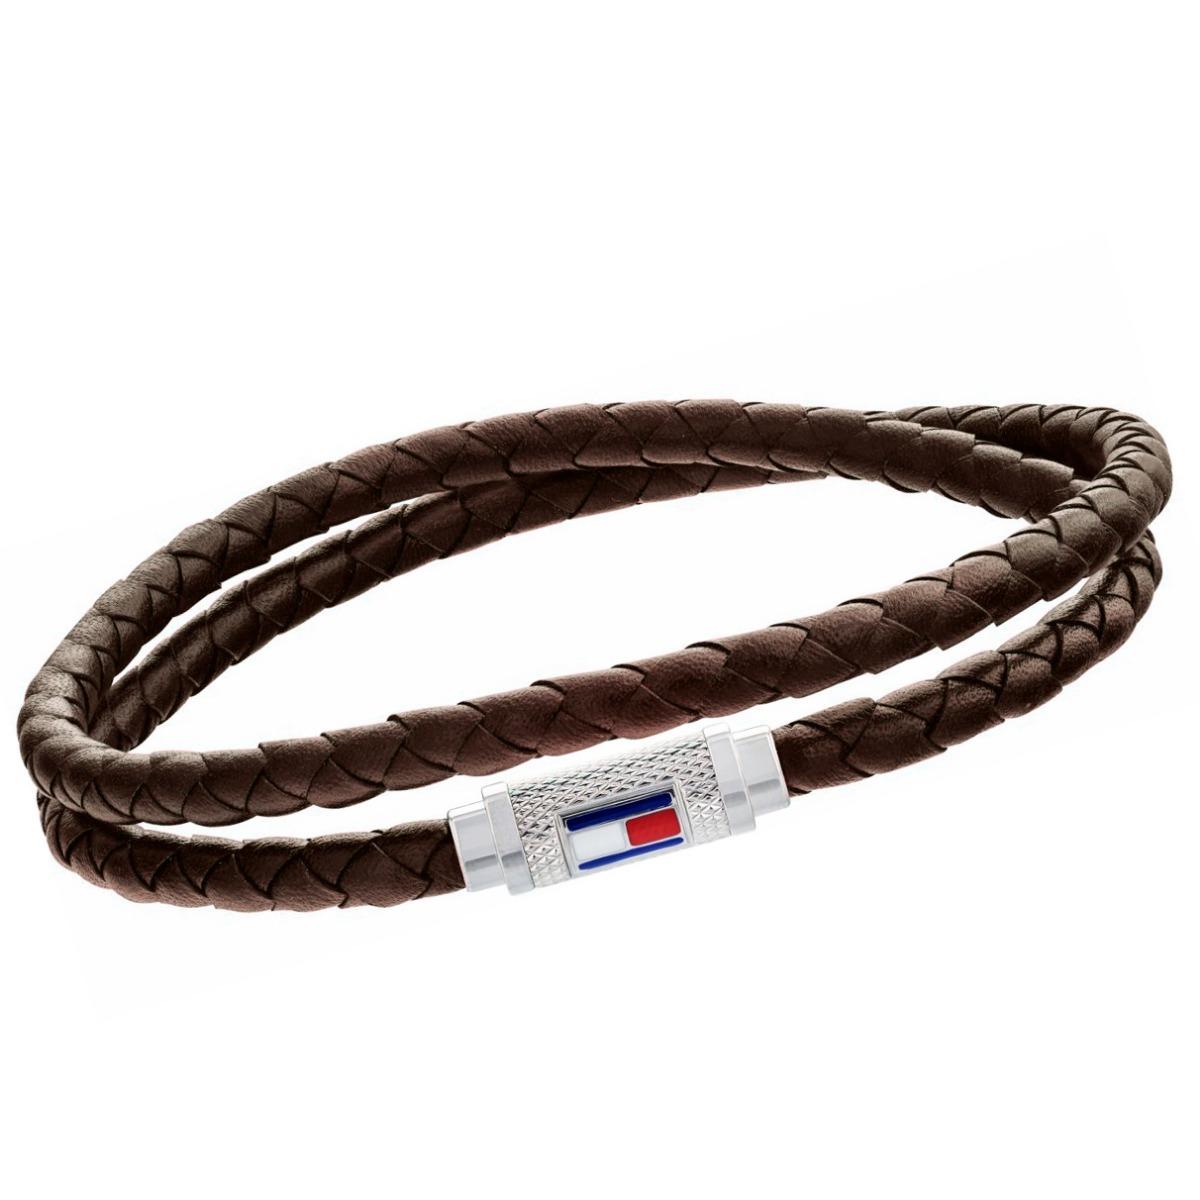 venta caliente online 01abc f862d Pulsera Tommy Hilfiger Th 2790012 Hombre Cuero Trenzado